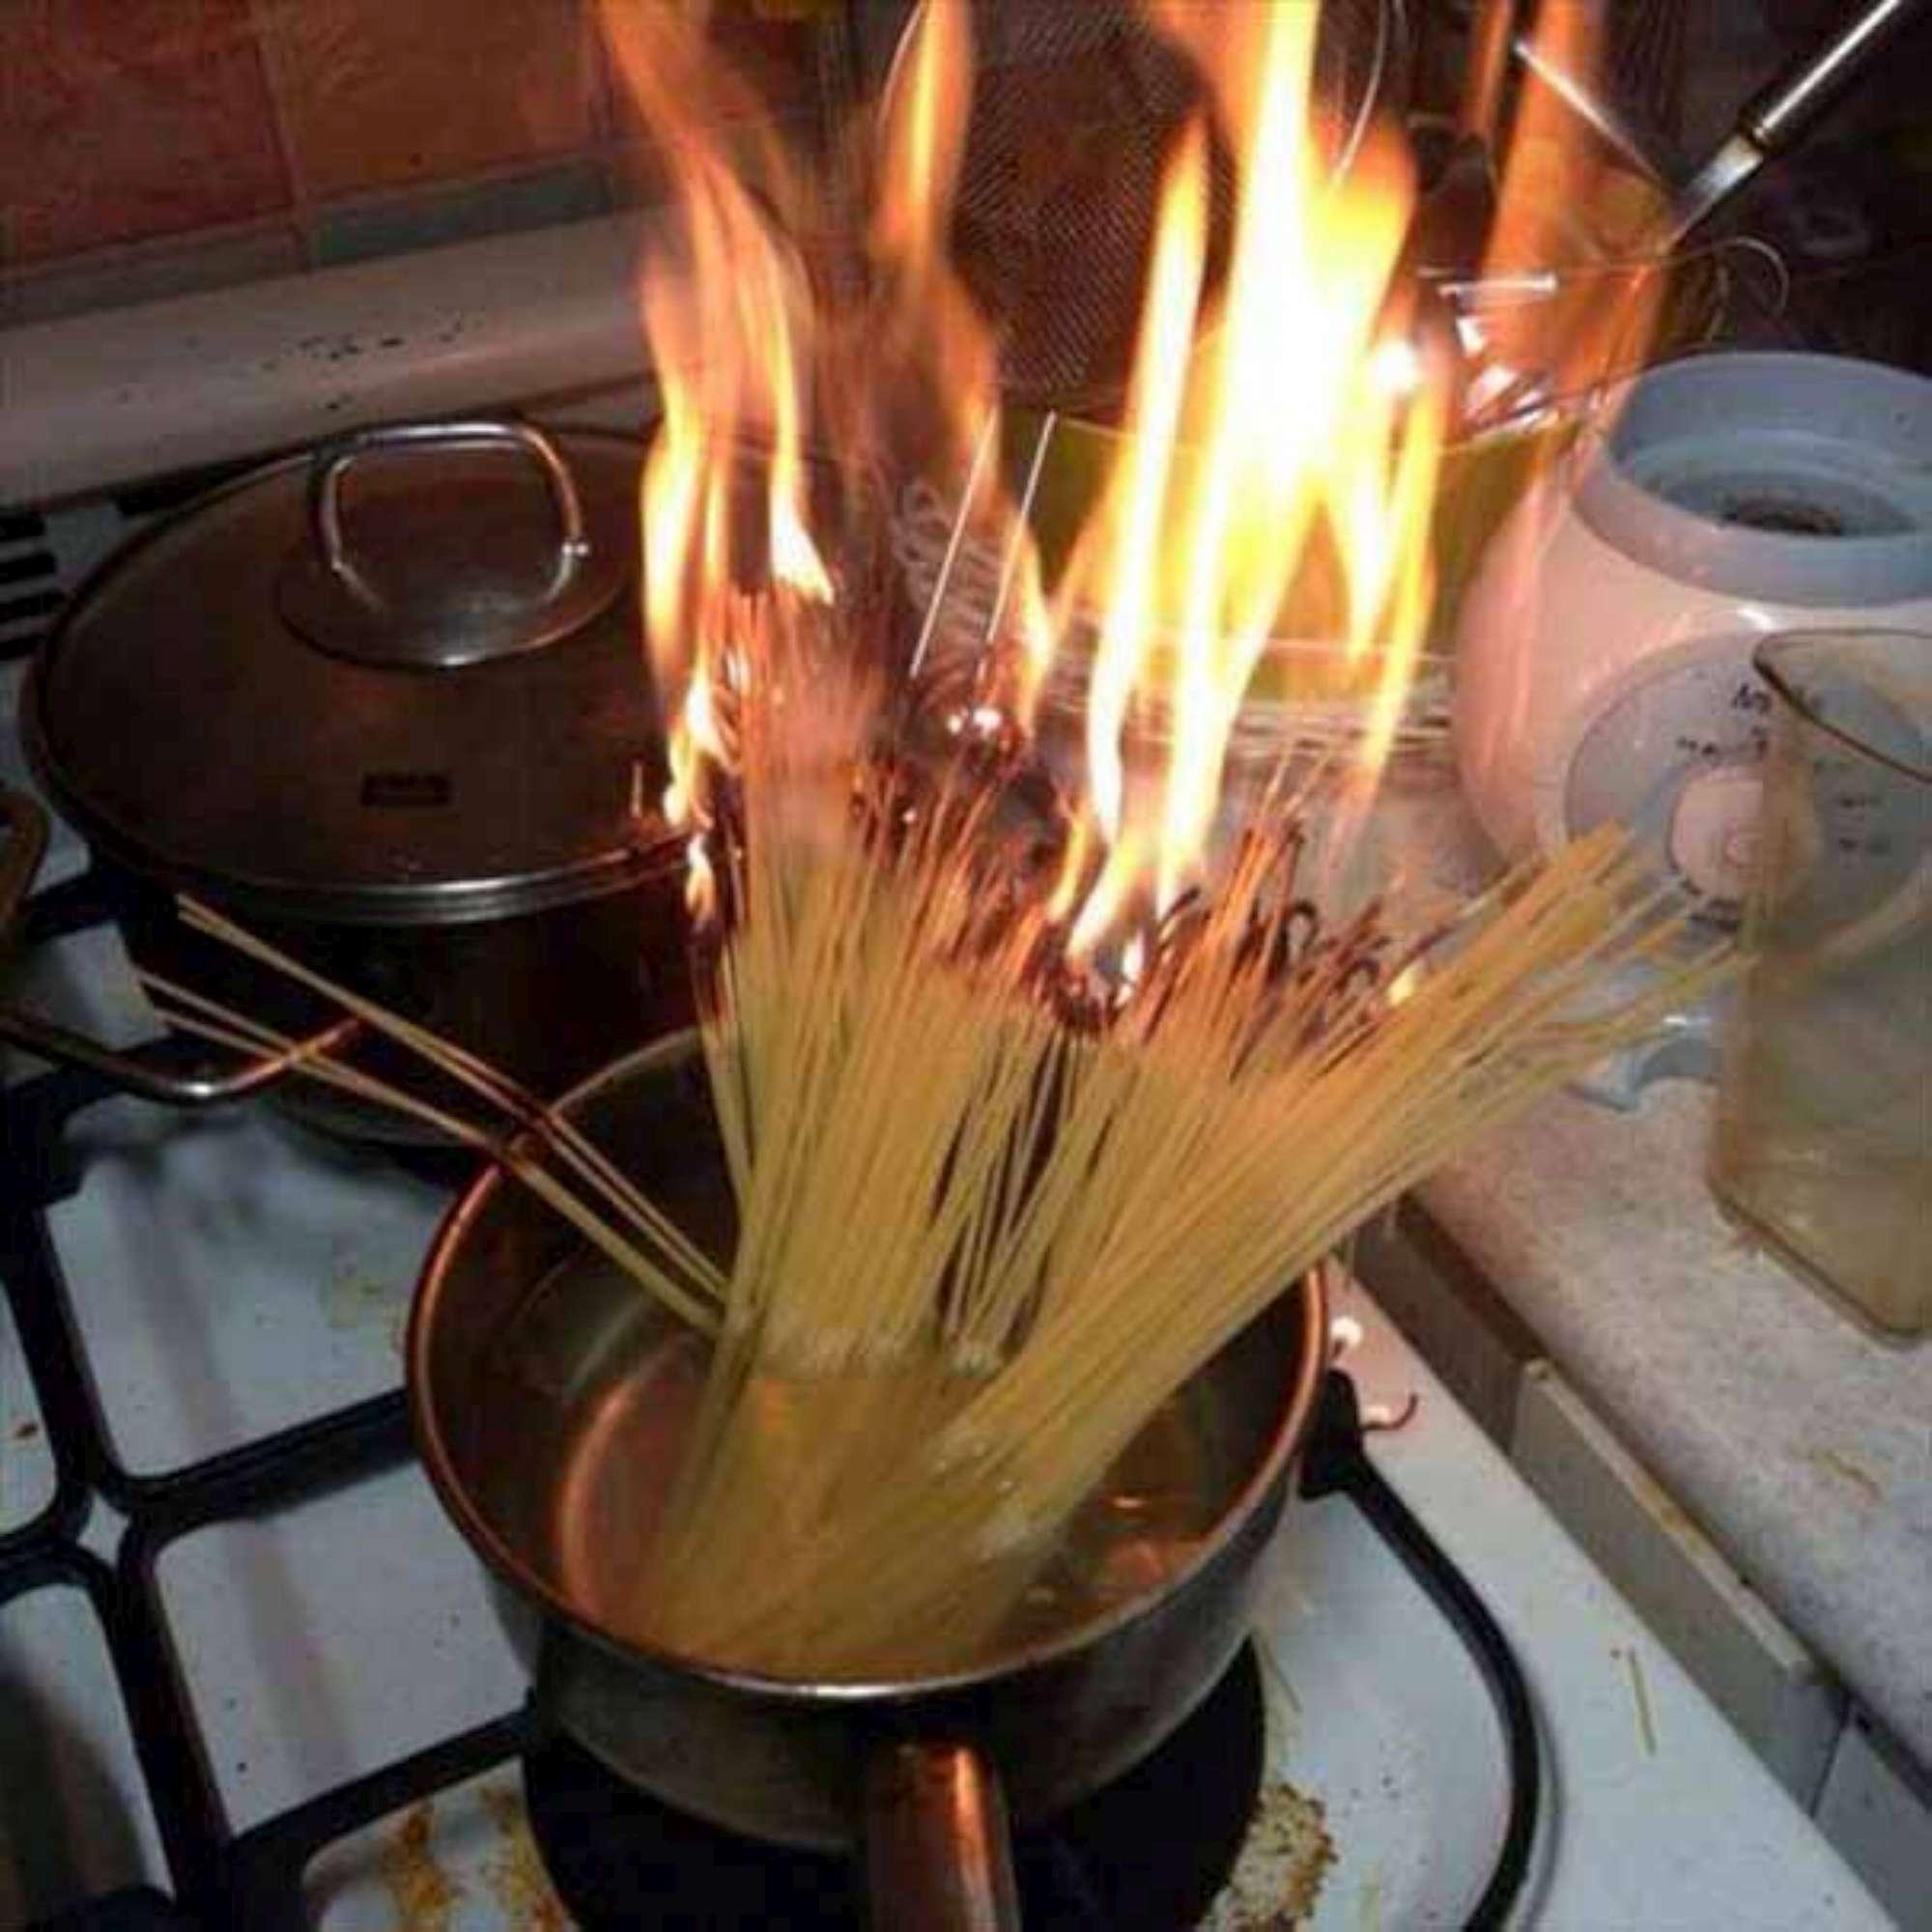 Bilderesultat for cooking fail meme